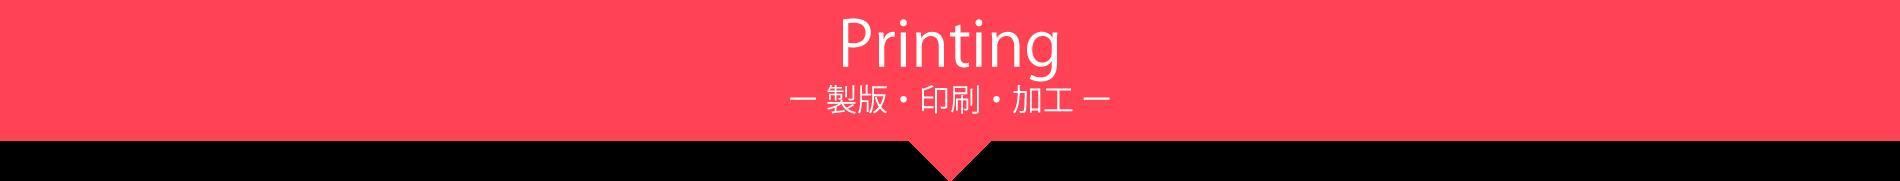 製版・印刷・加工